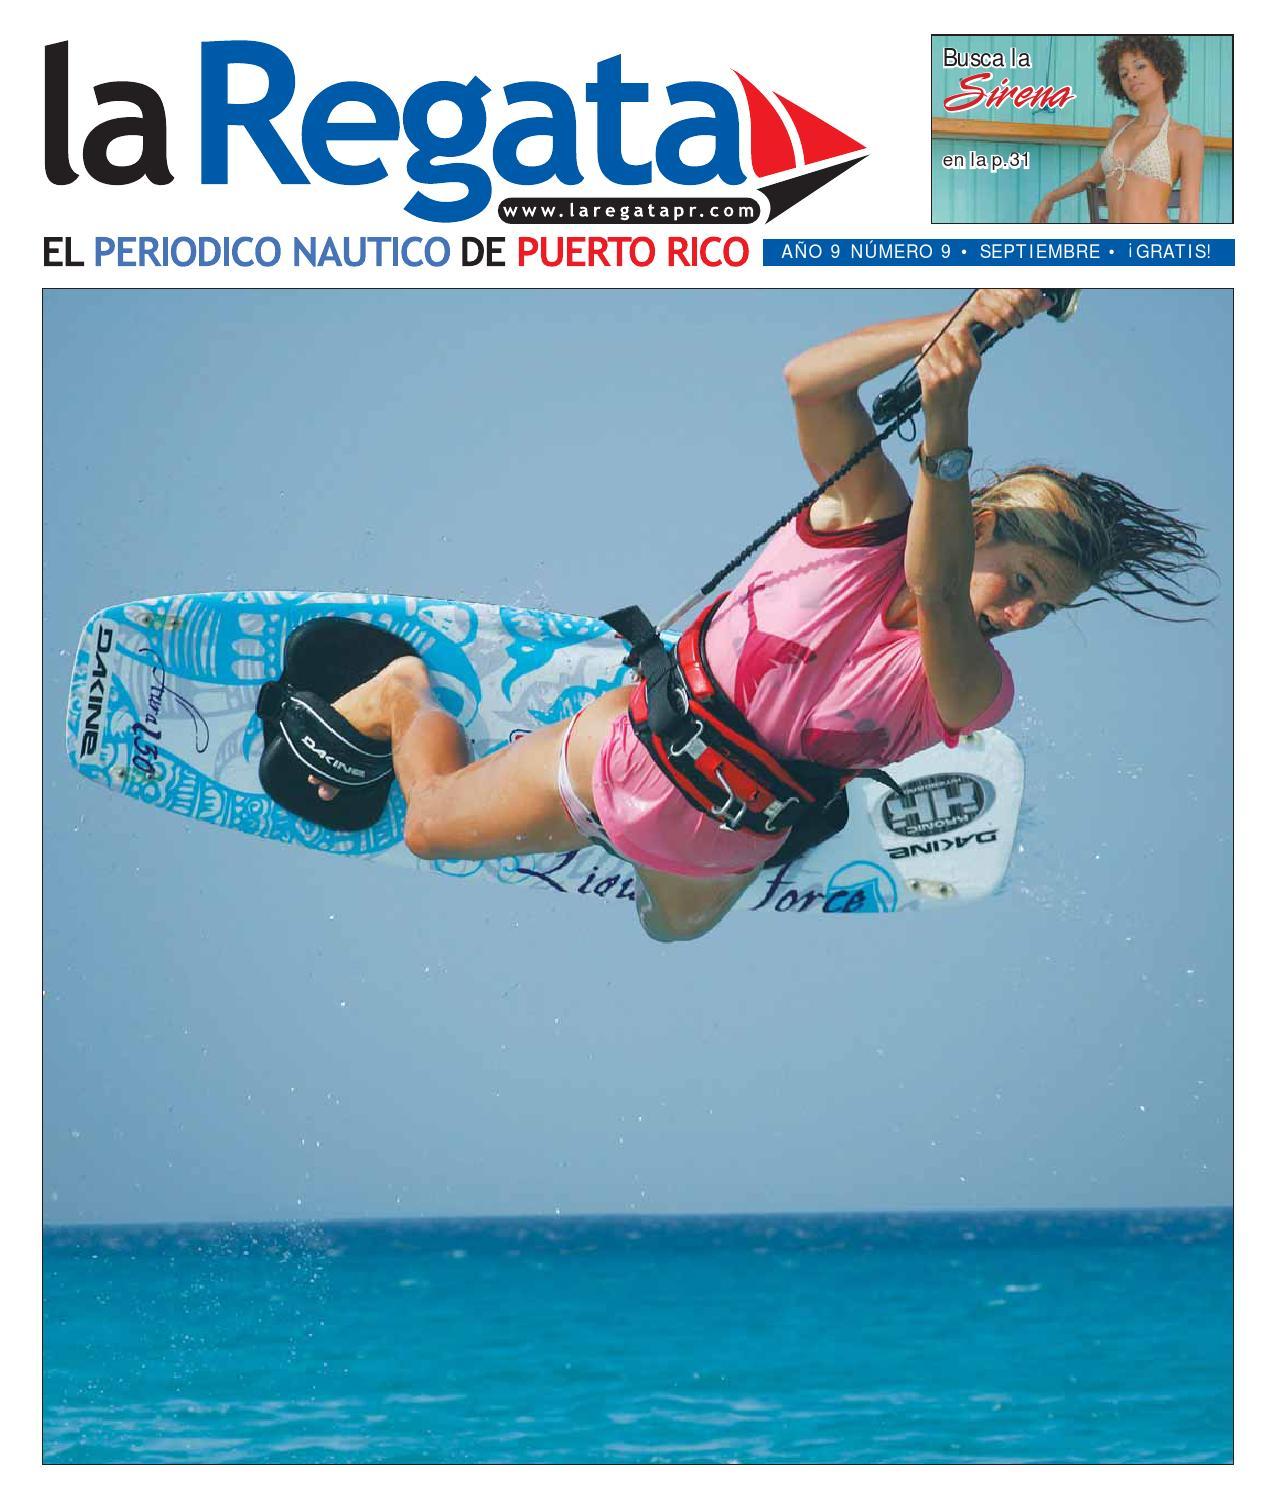 0609 by La Regata-El Periódico Náutico de Puerto Rico - issuu e373b1205a7